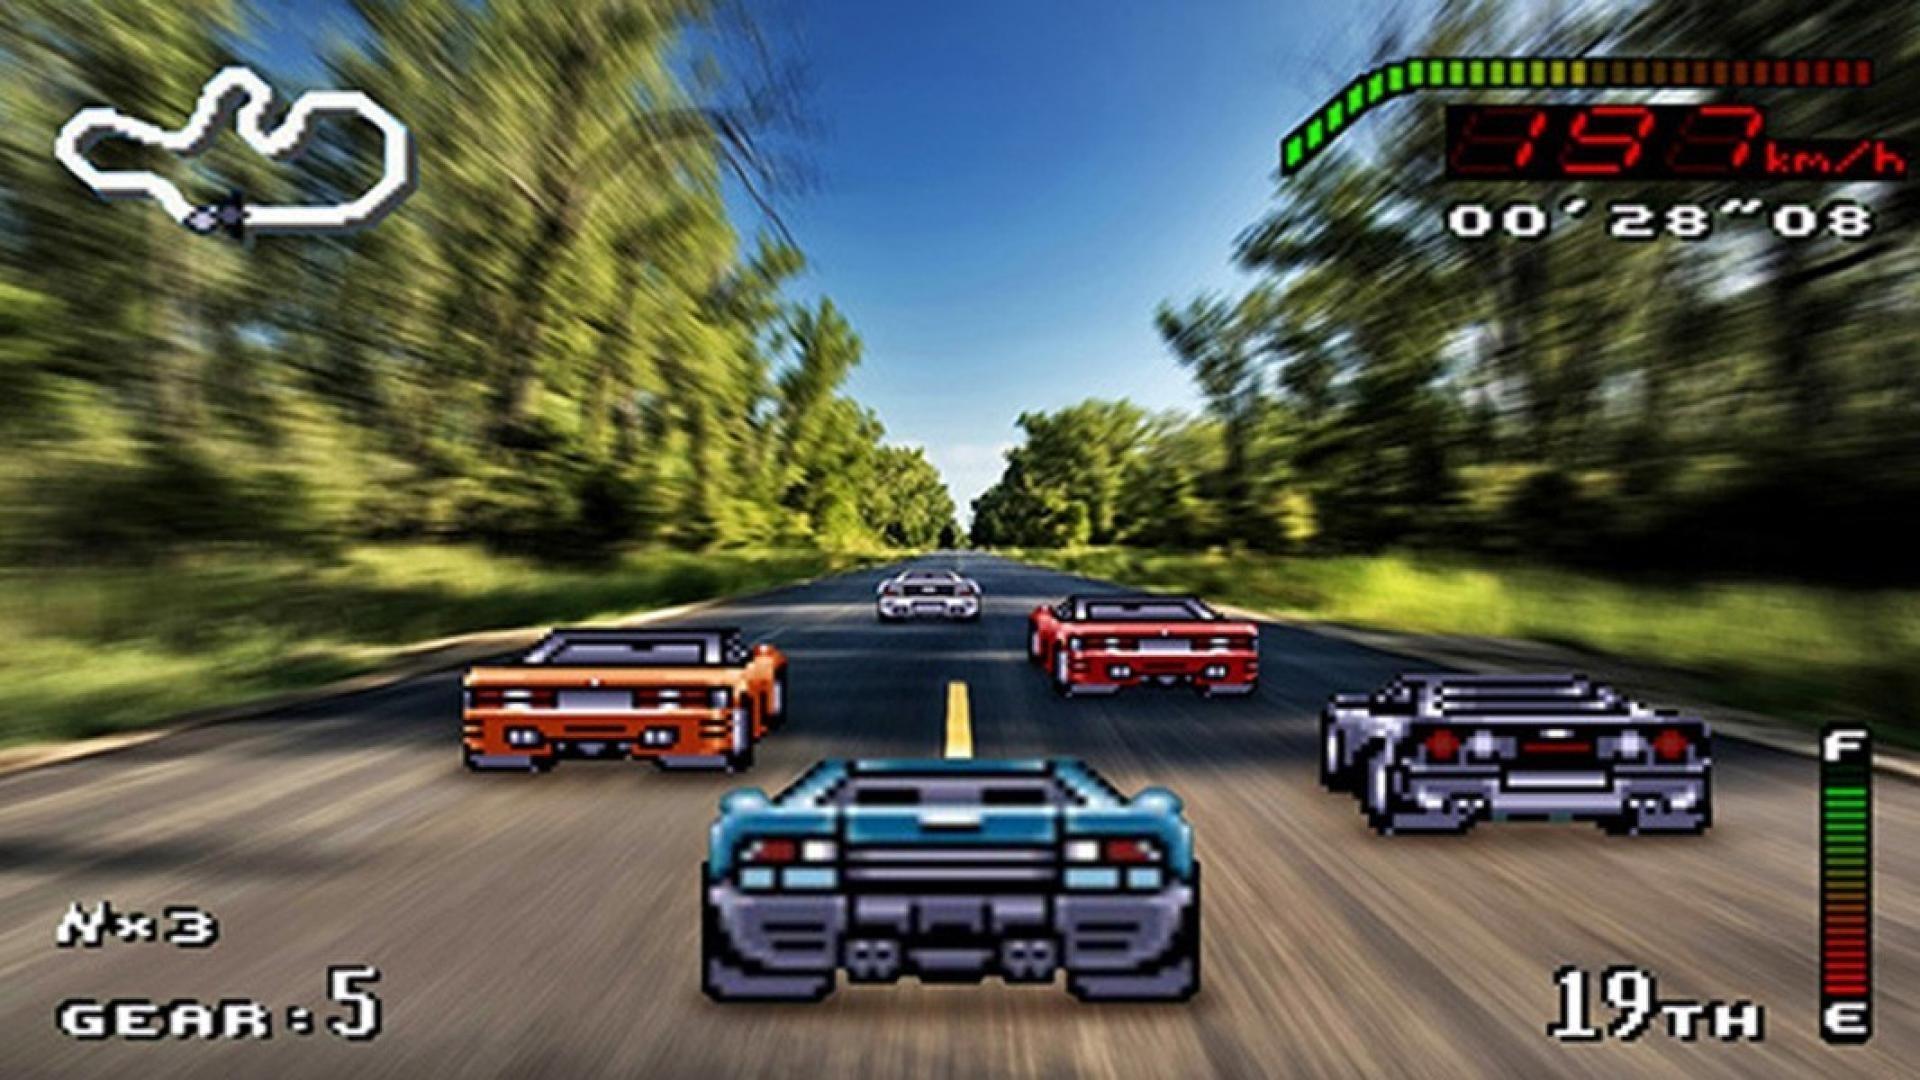 Cars retro games racing 16 bit wallpaper | (62892)